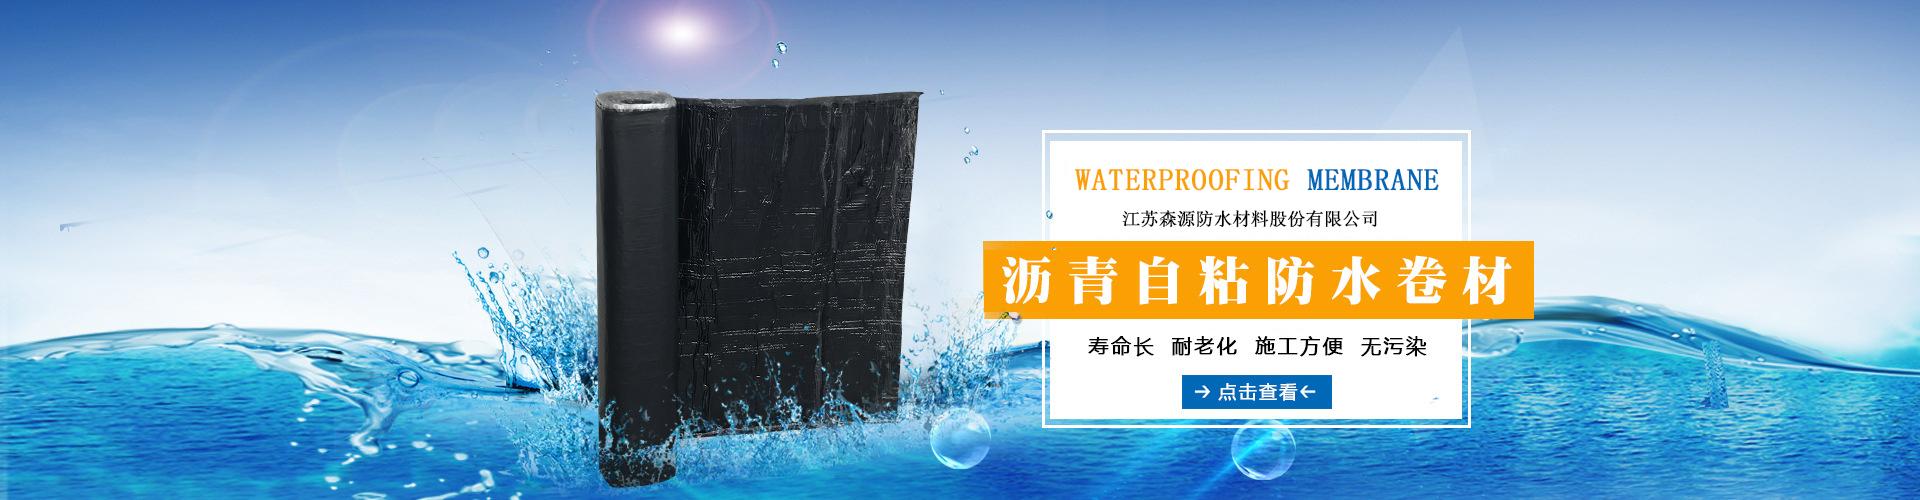 江苏森源防水材料股份有限公司